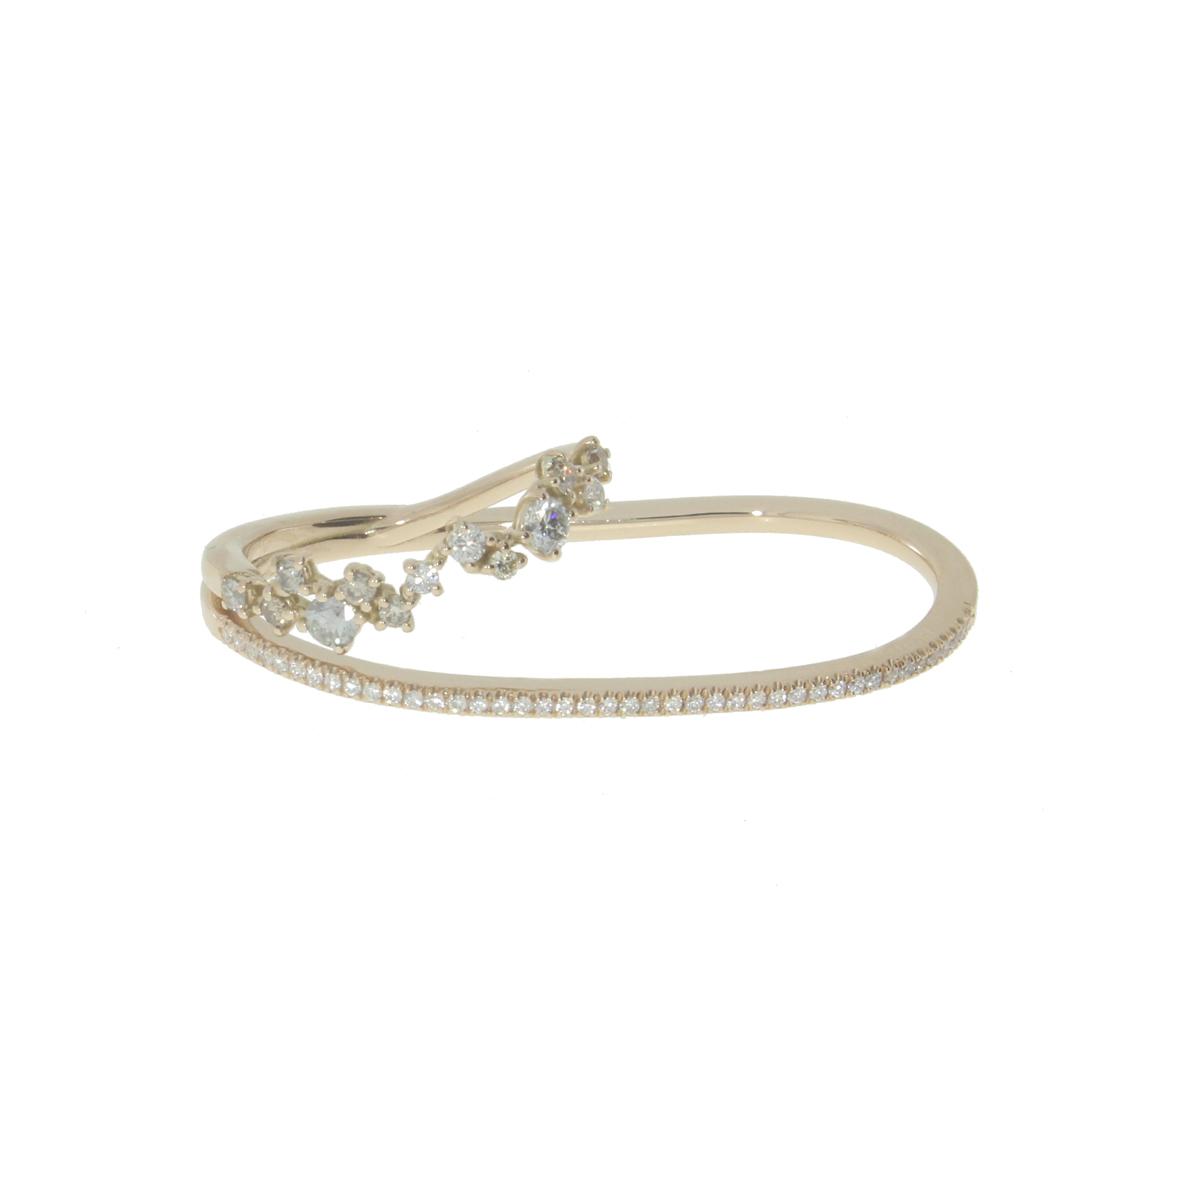 Diamond Two-Finger Ring in 18 Kt White Gold